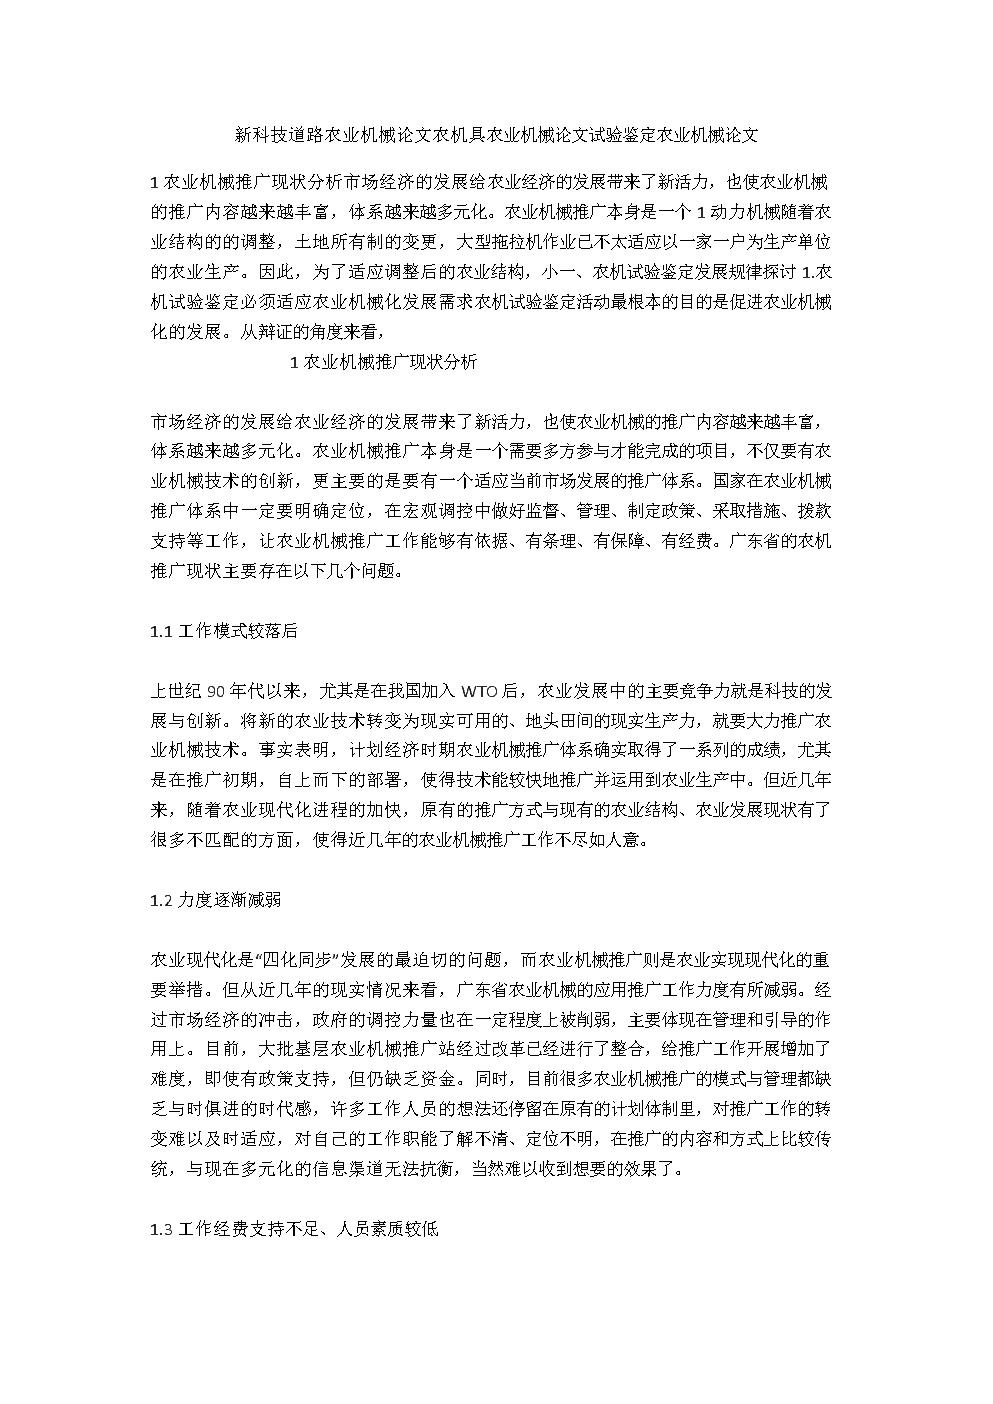 农业机械论文新科技道路农机具试验鉴定.docx